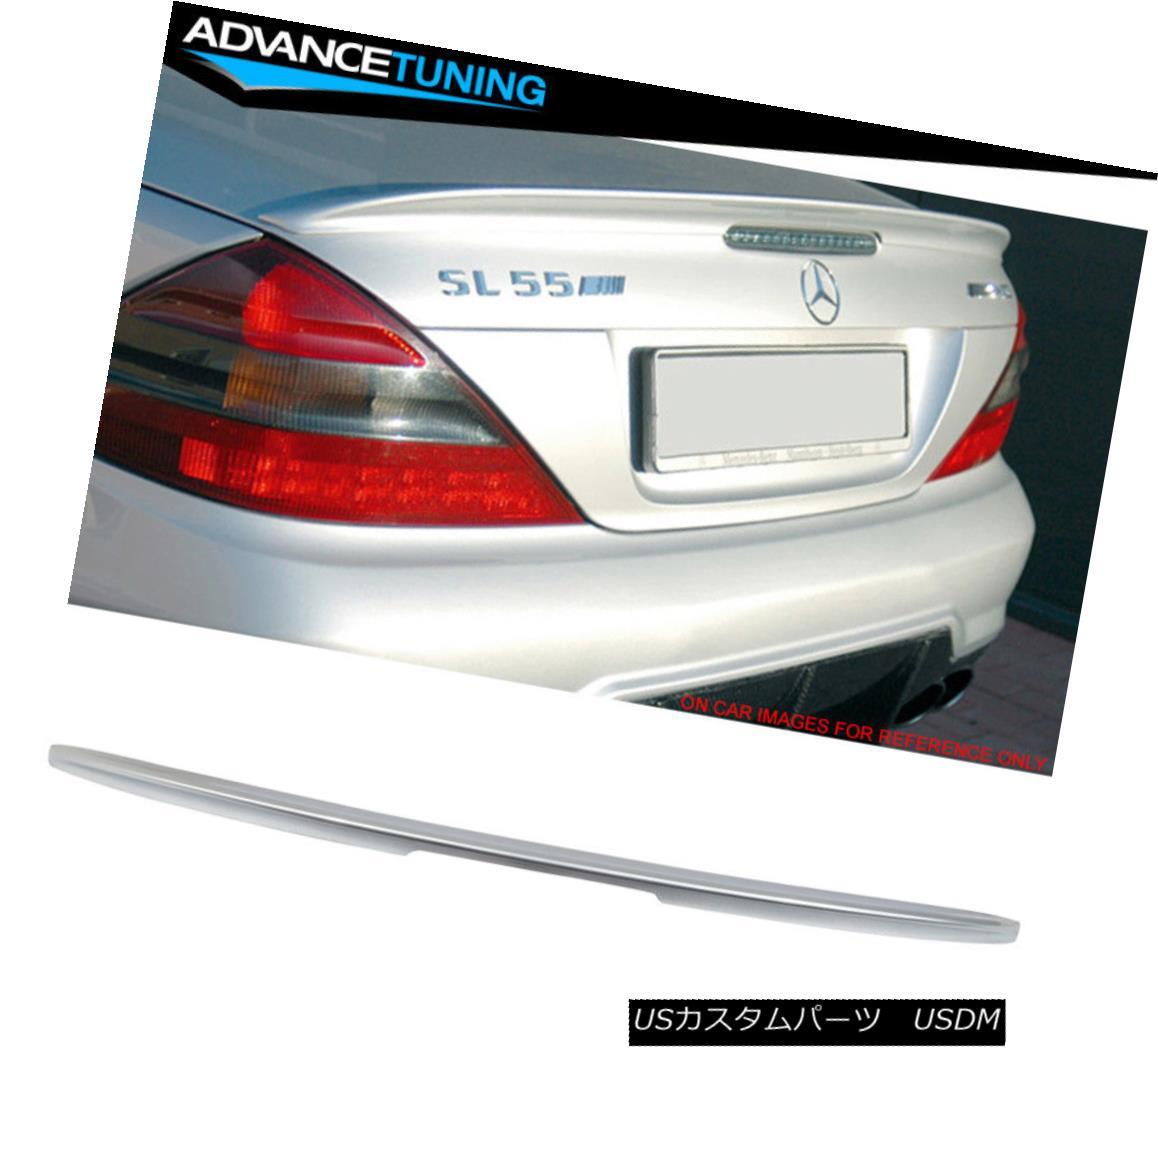 エアロパーツ Fits 03-11 SL R230 AMG Trunk Spoiler OEM Painted #762 Diamond Silver Metallic フィット03-11 SL R230 AMGトランク・スポイラーOEM塗装#762ダイヤモンド・シルバー・メタリック